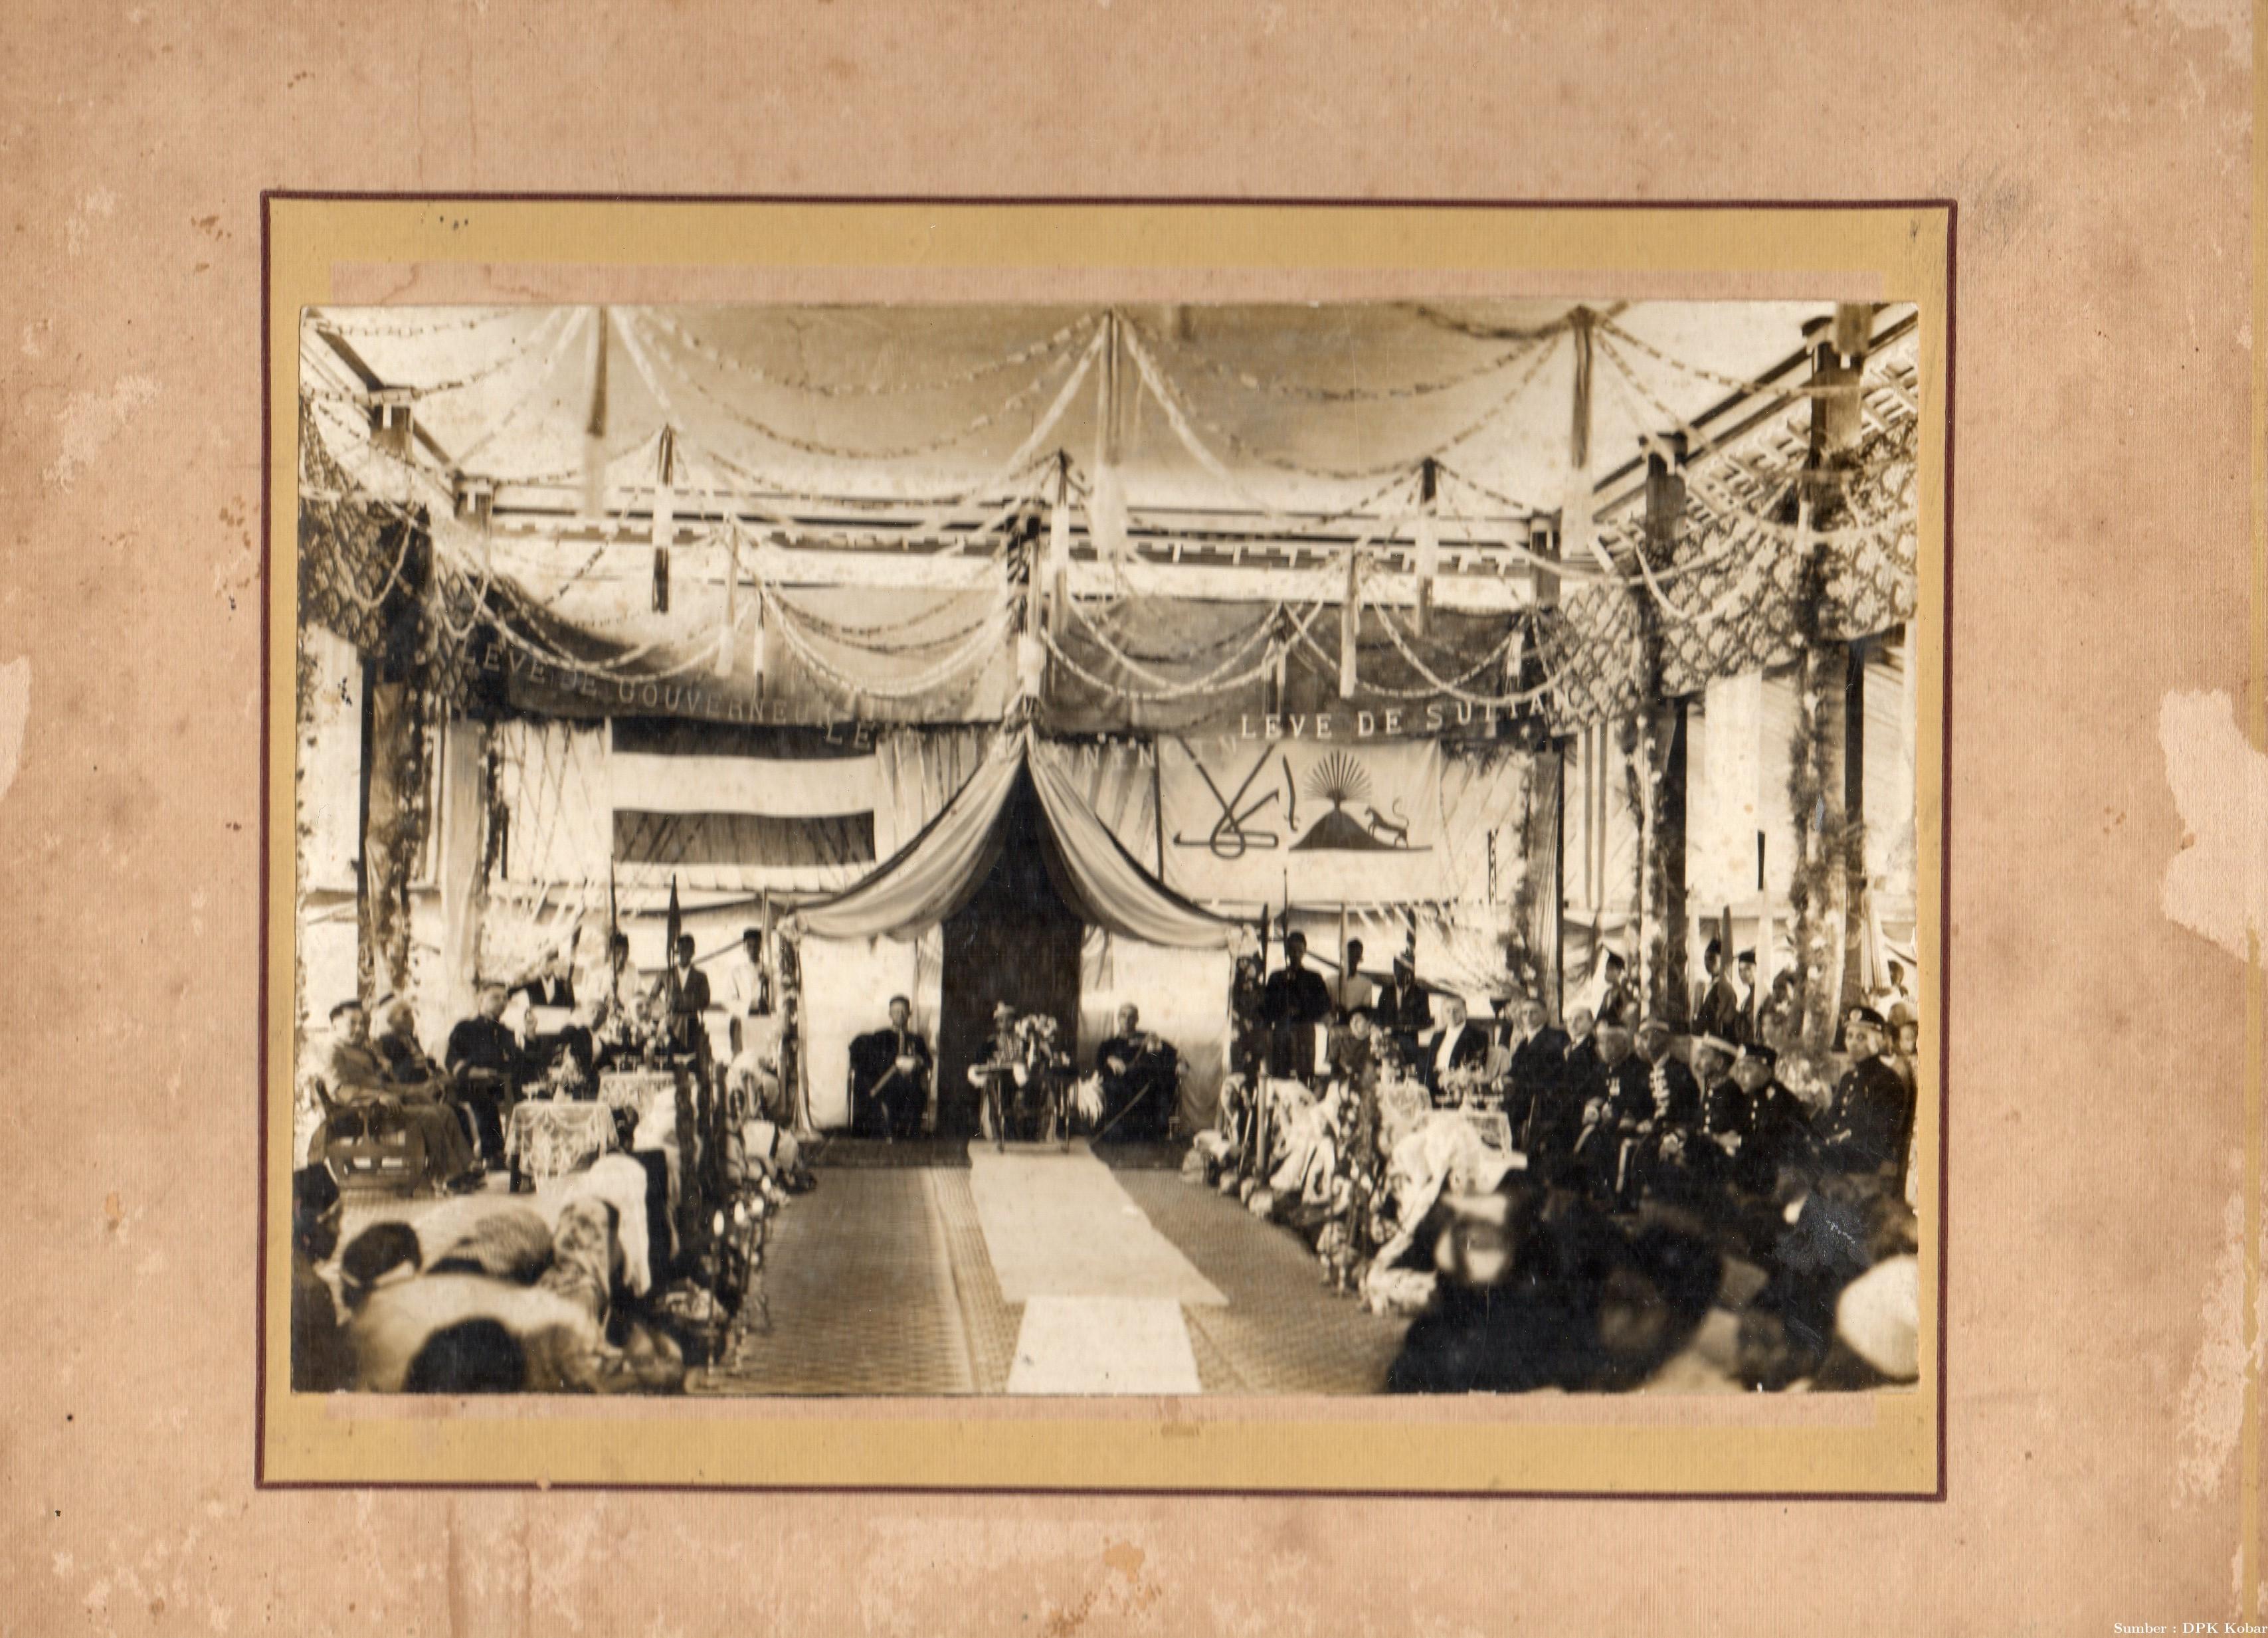 Pelantikan Sultan ke XIV Kerajaan Kotawaringin di Saksikan oleh Mangkubumi, Adipati Mangkubumi (sebelah kanan), tahun 1938.